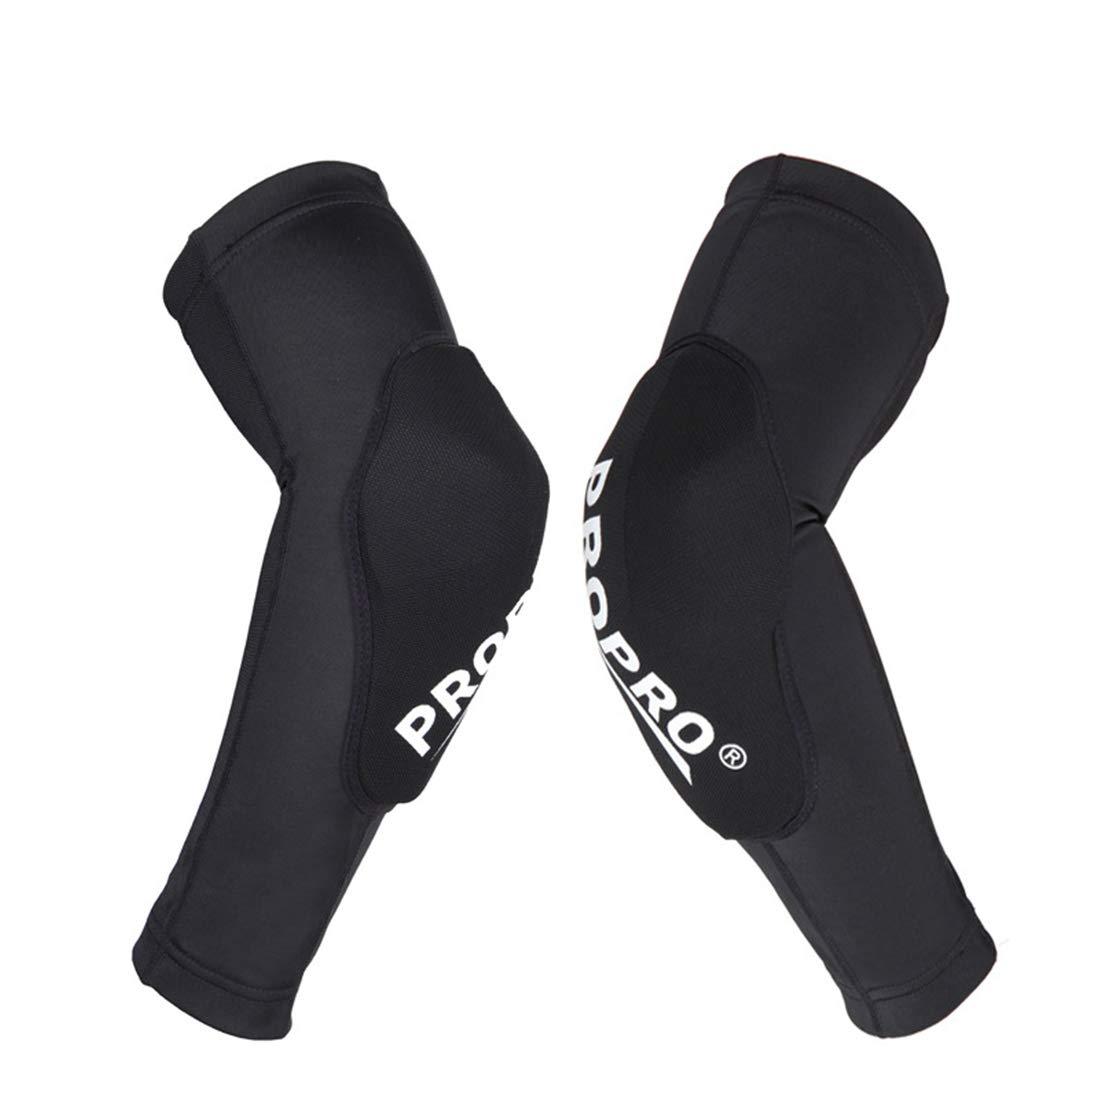 JPAKIOS Kneepad肘パッドスーツ ライトダウンヒルバイクプロテクター オフロードバイク乗り馬具 スキーシャッター抵抗保護服 (色 : 黒, サイズ : S) B07RBLQ47Y 黒 Small